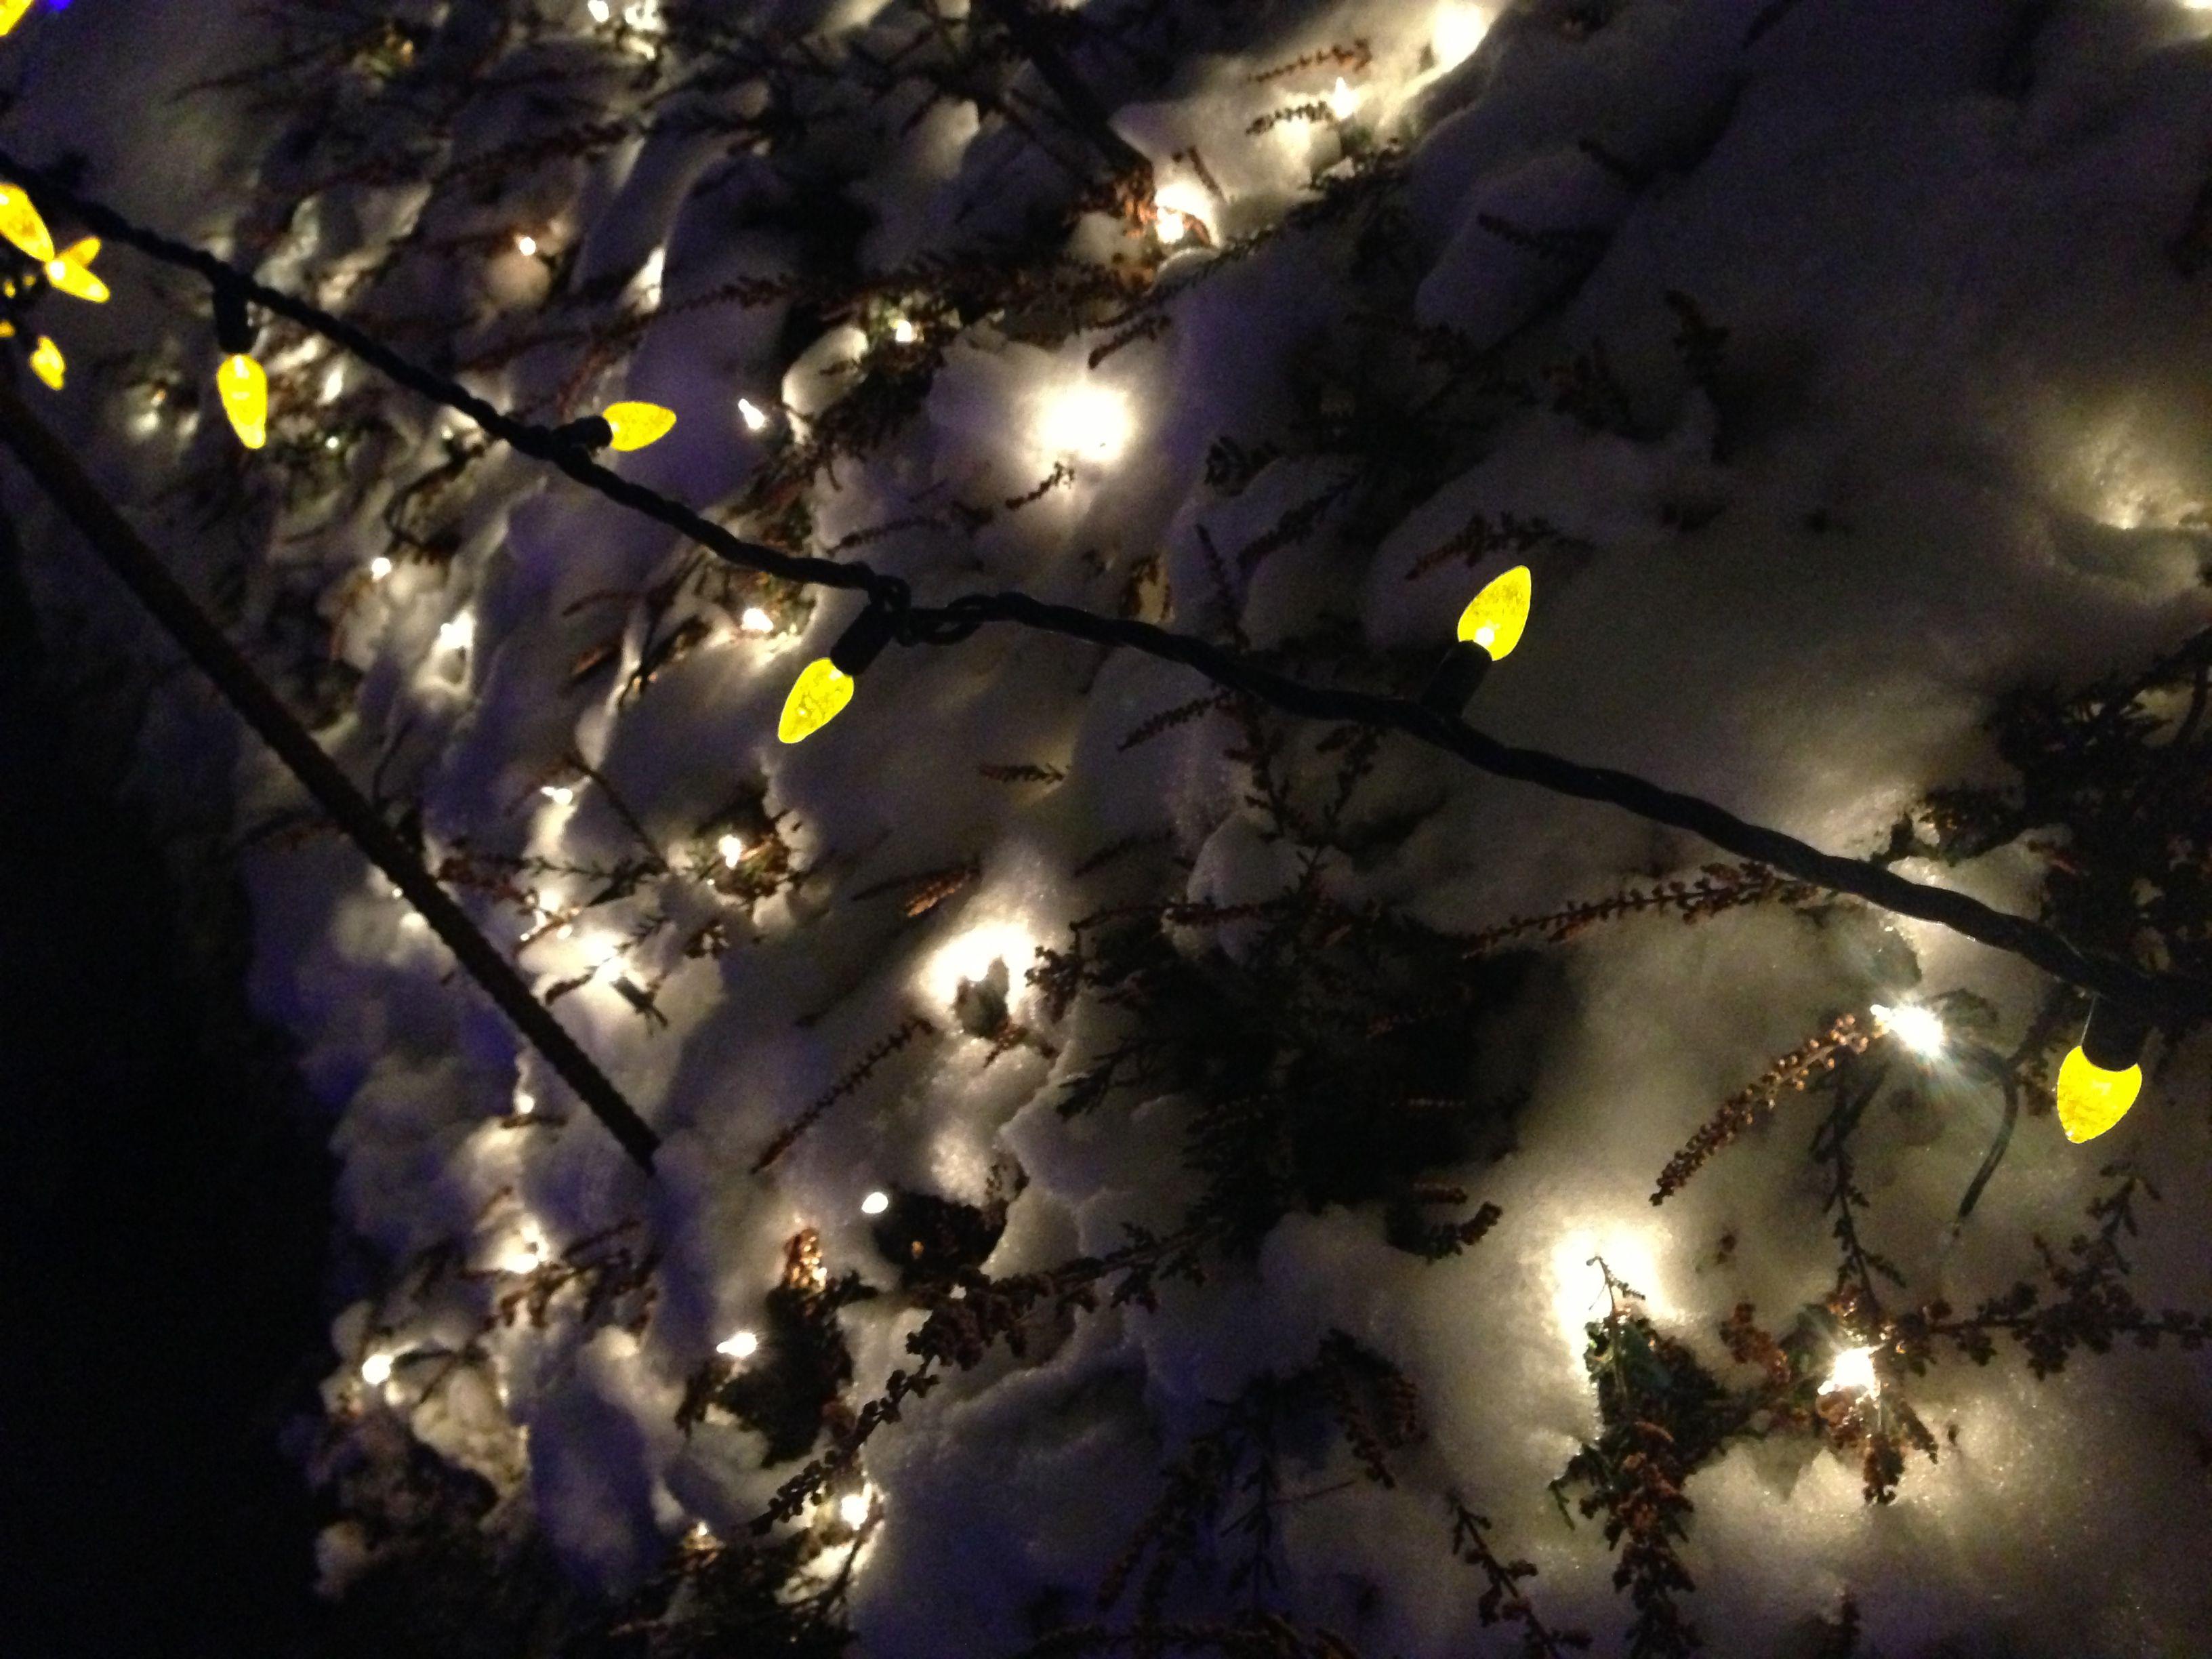 illumination with snow